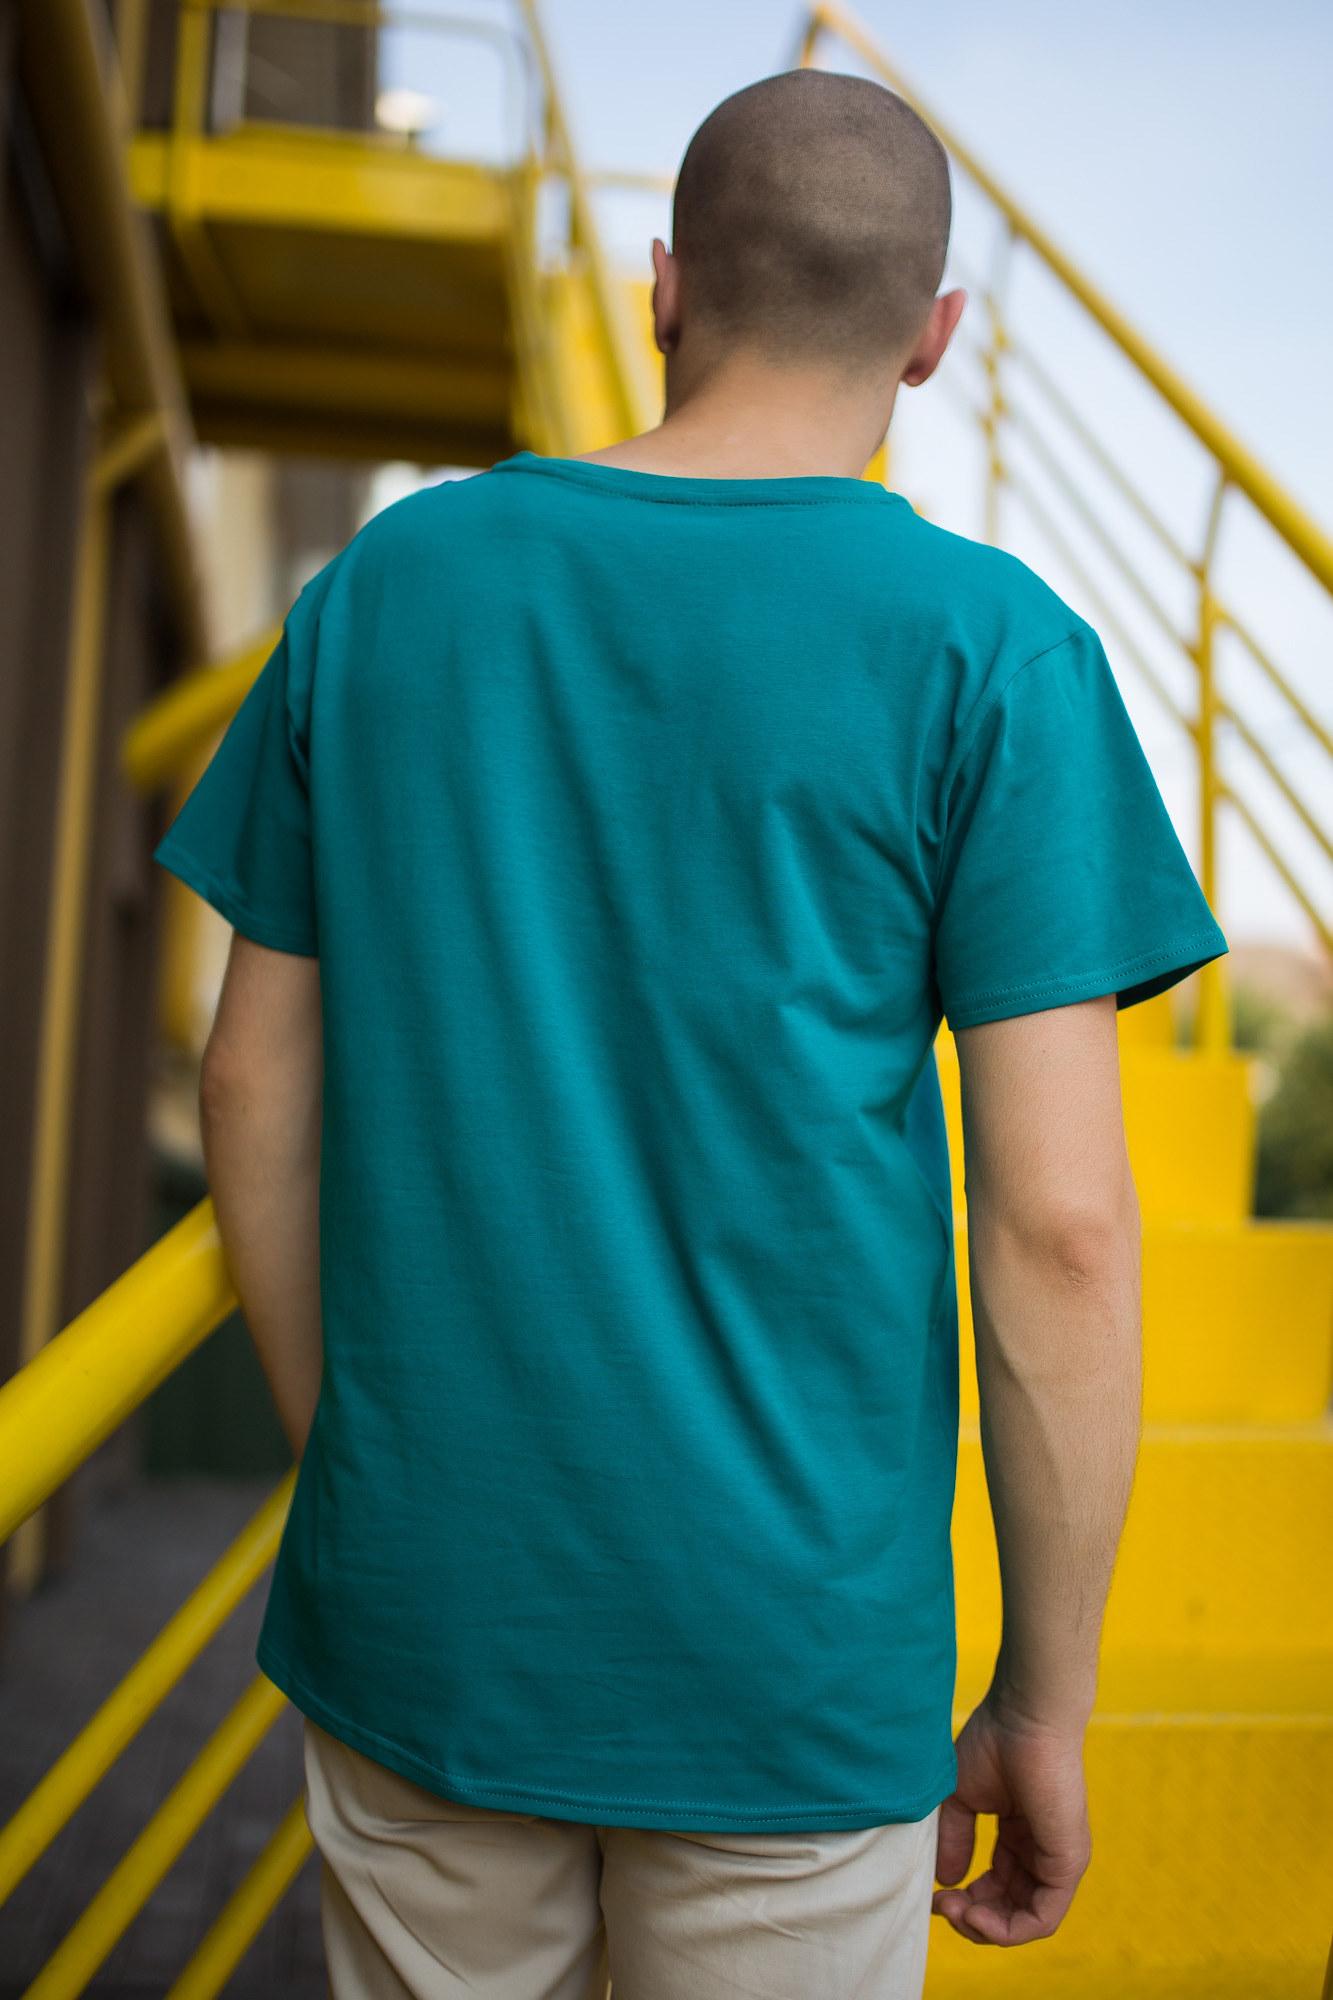 GEN Бирюзовая футболка с V-образным вырезом - Фото 2